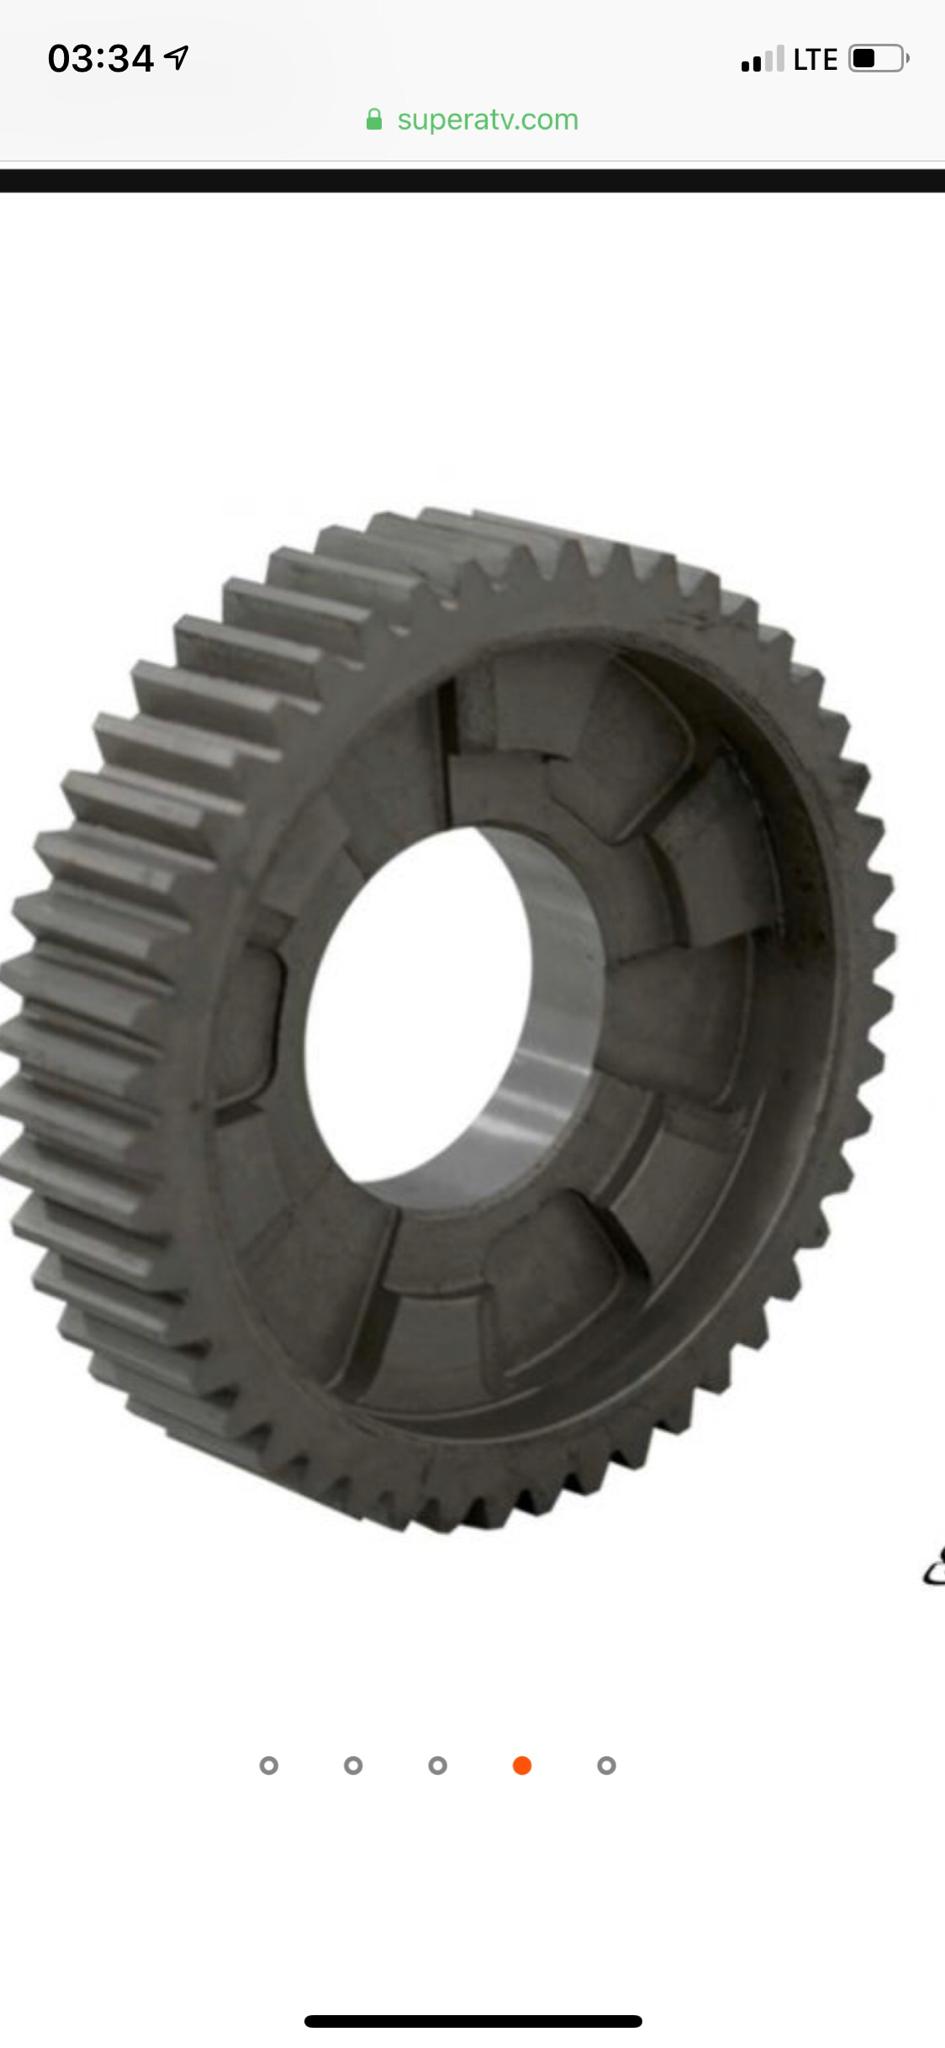 Ranger 500 transmission gears slipping-img_3001.jpg